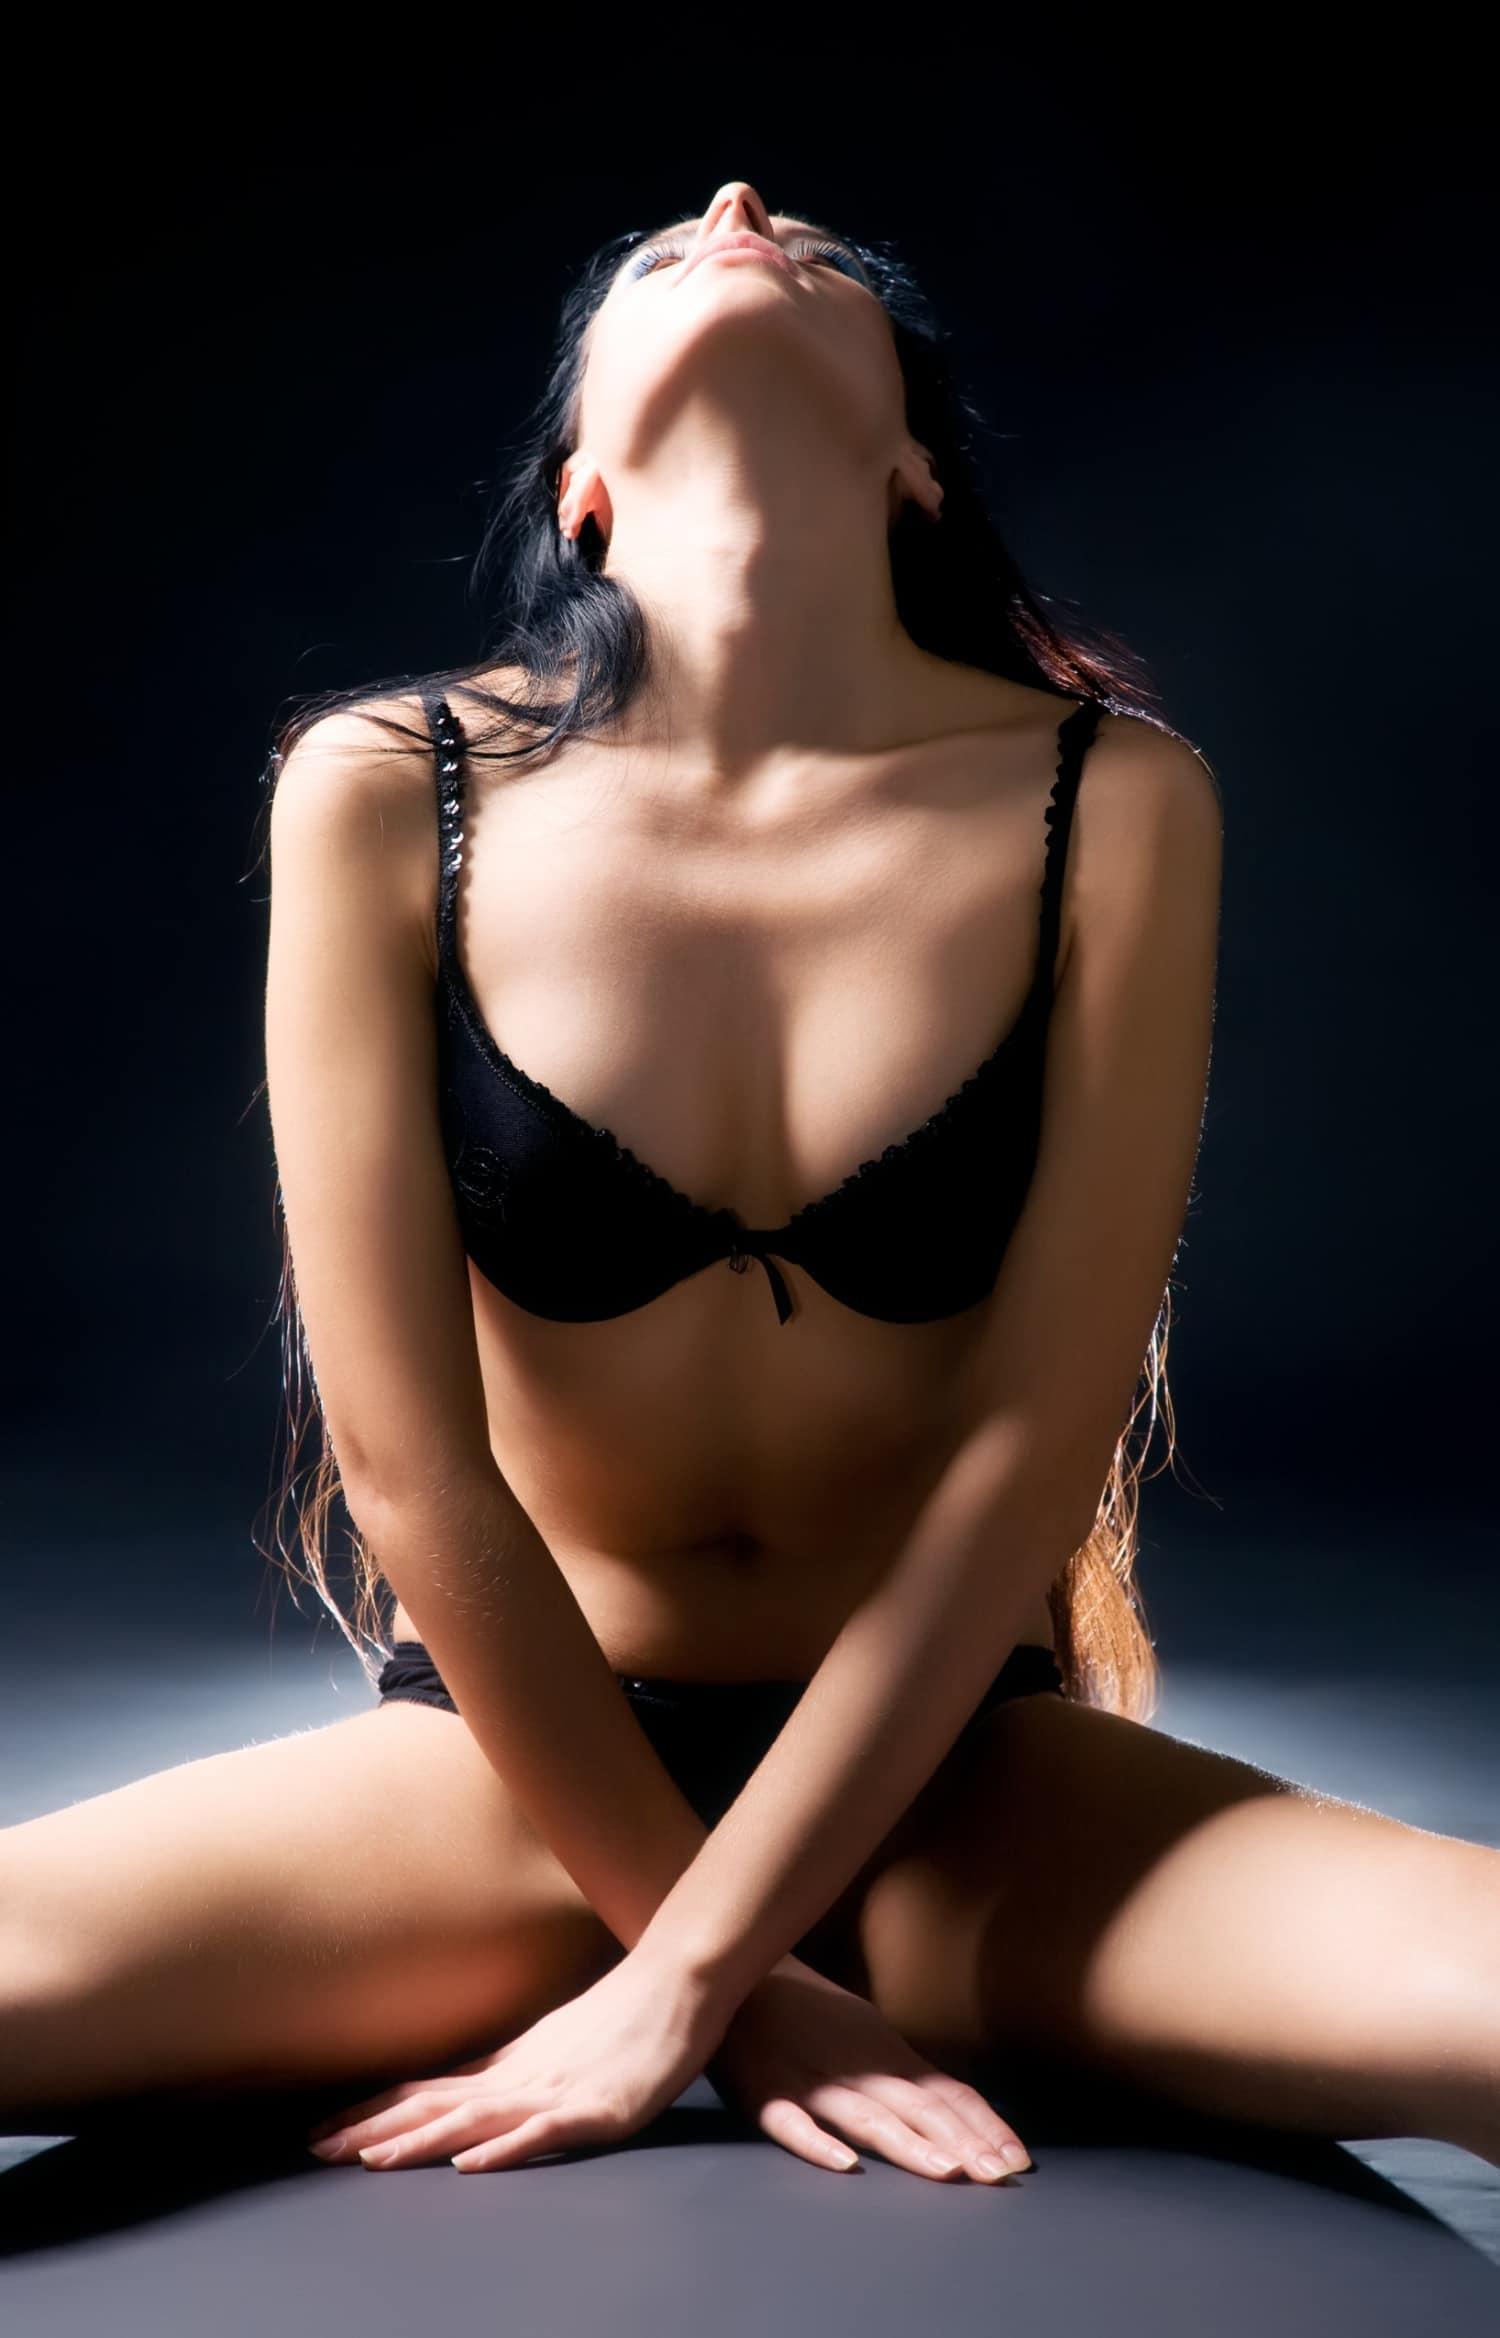 diéta az erekció fenntartása érdekében nagy péniszű férfiak áttekintése